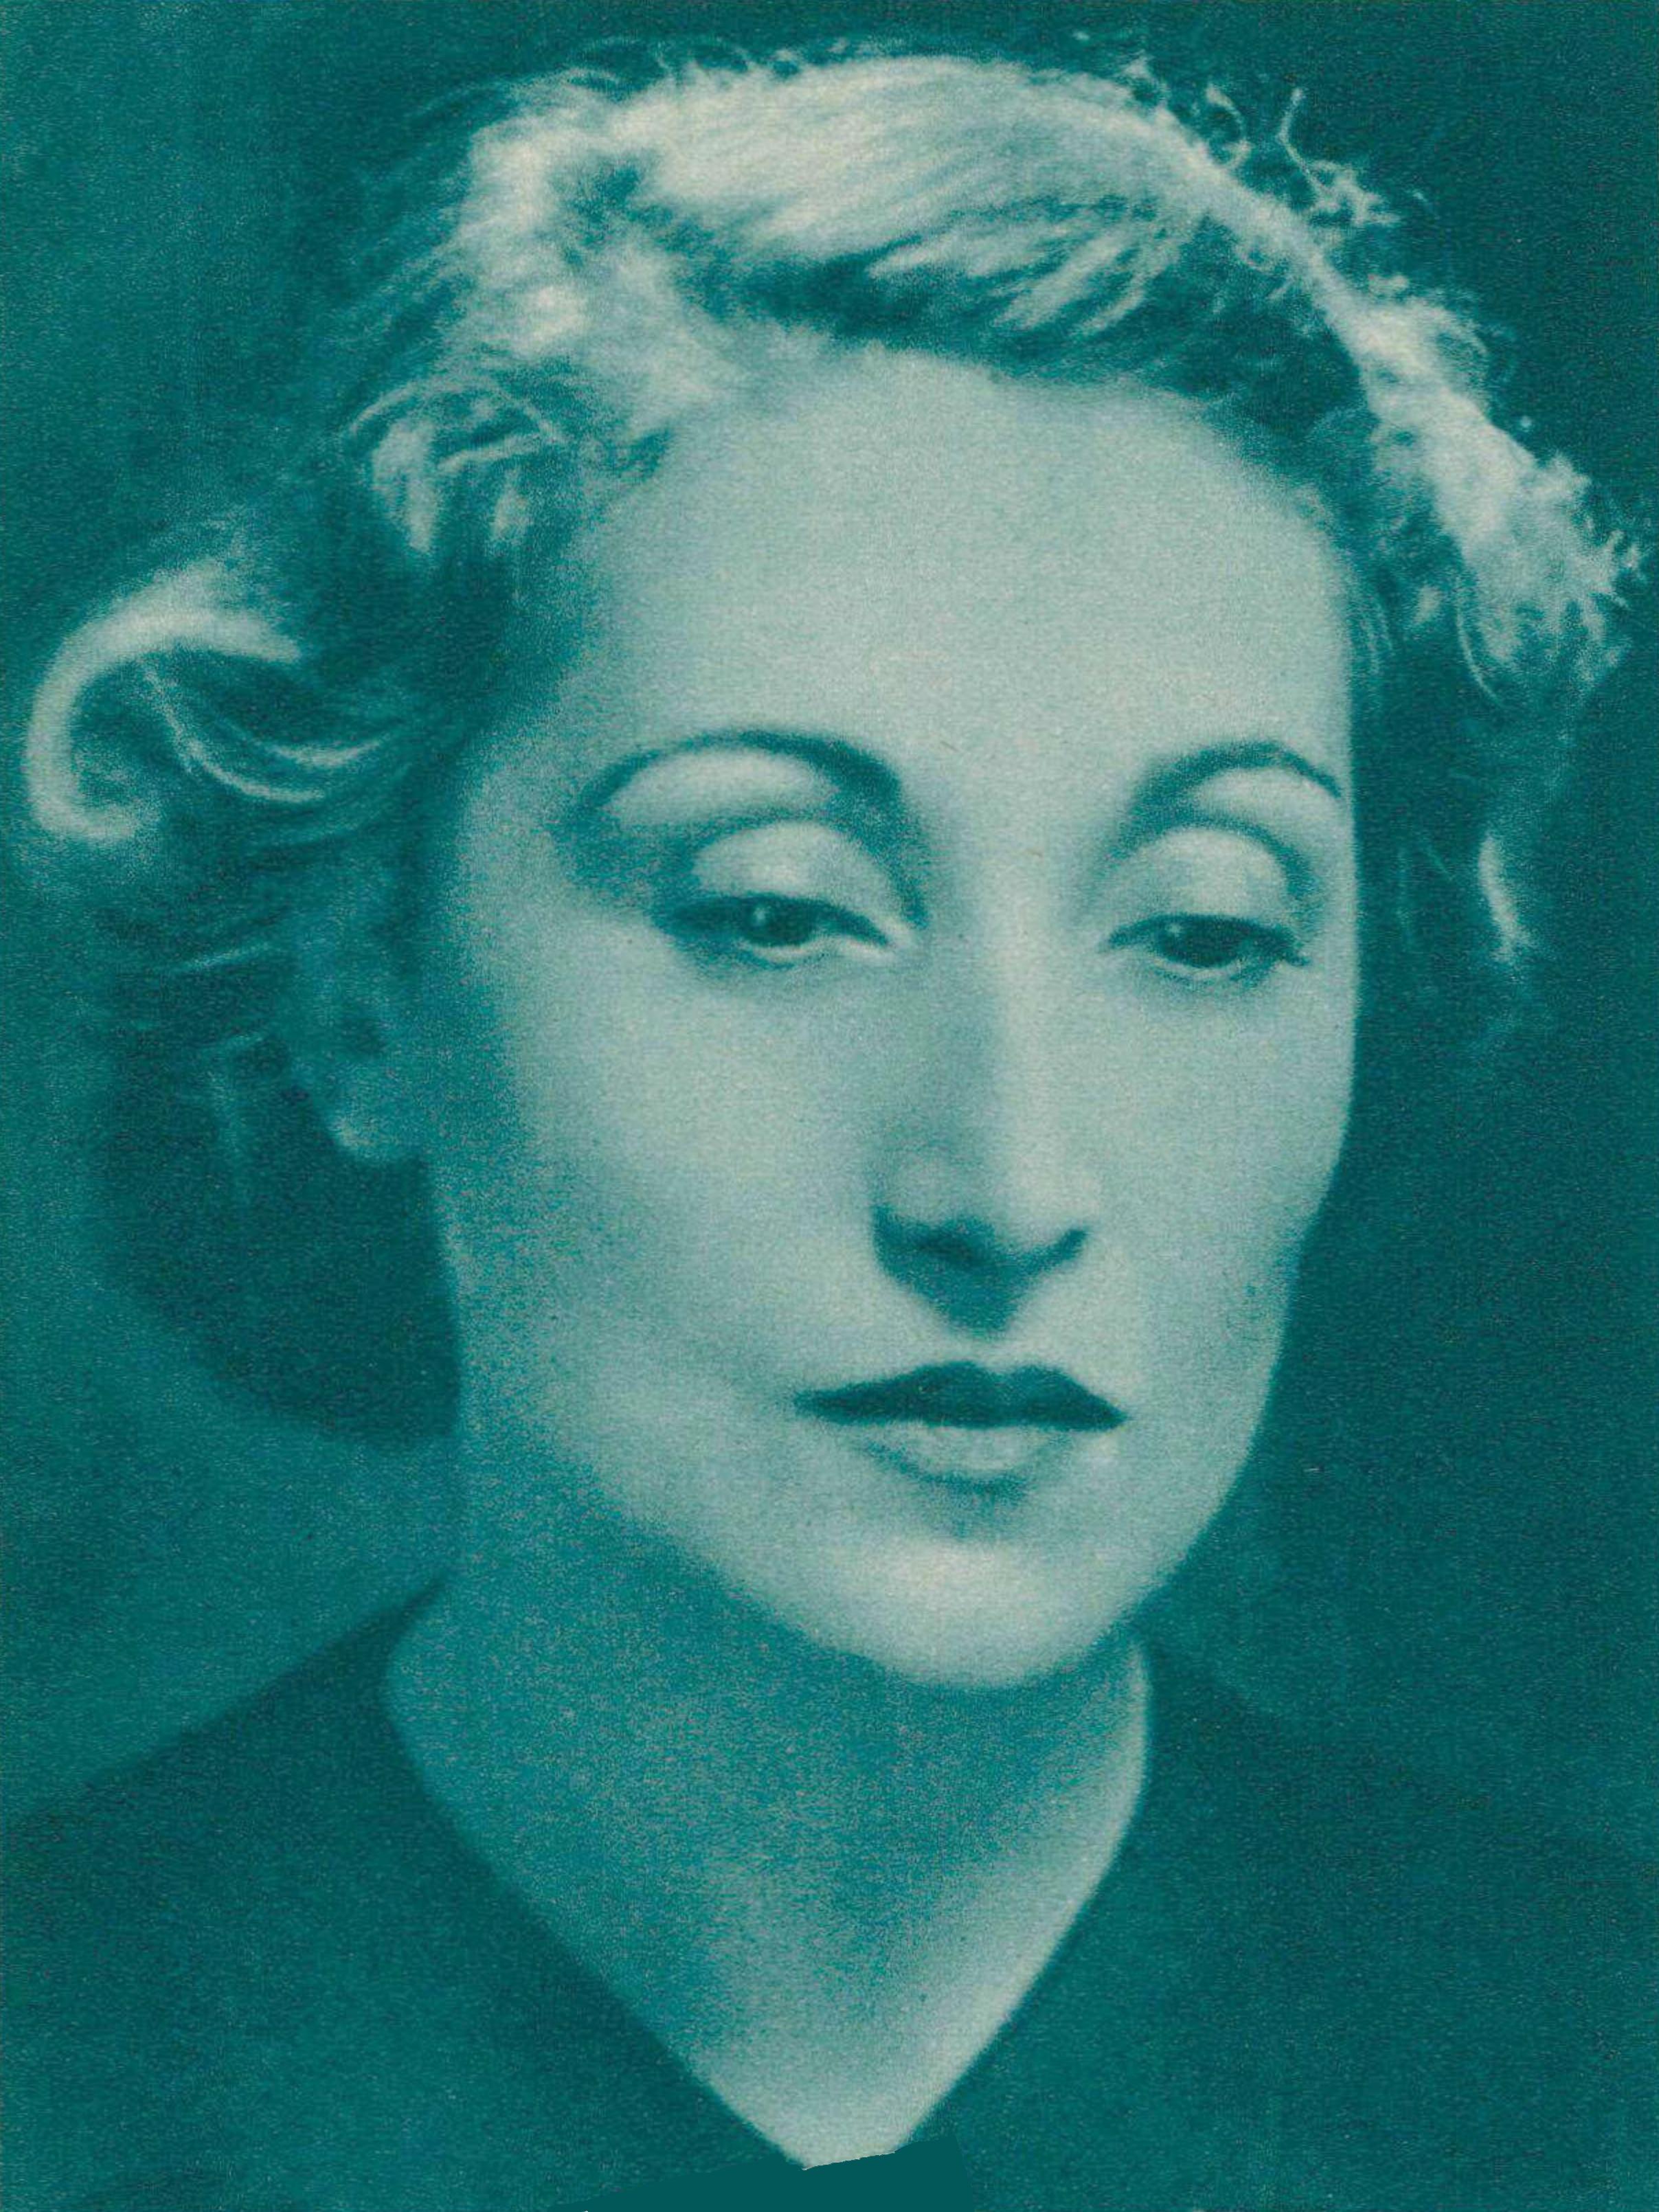 Jacqueline Blancard, un portrait fait par Germaine Martin, photographe à Lausanne, publié - entre autres - dans la revue Radio Actualités du 15 octobre 1942, No 42, en page 1320